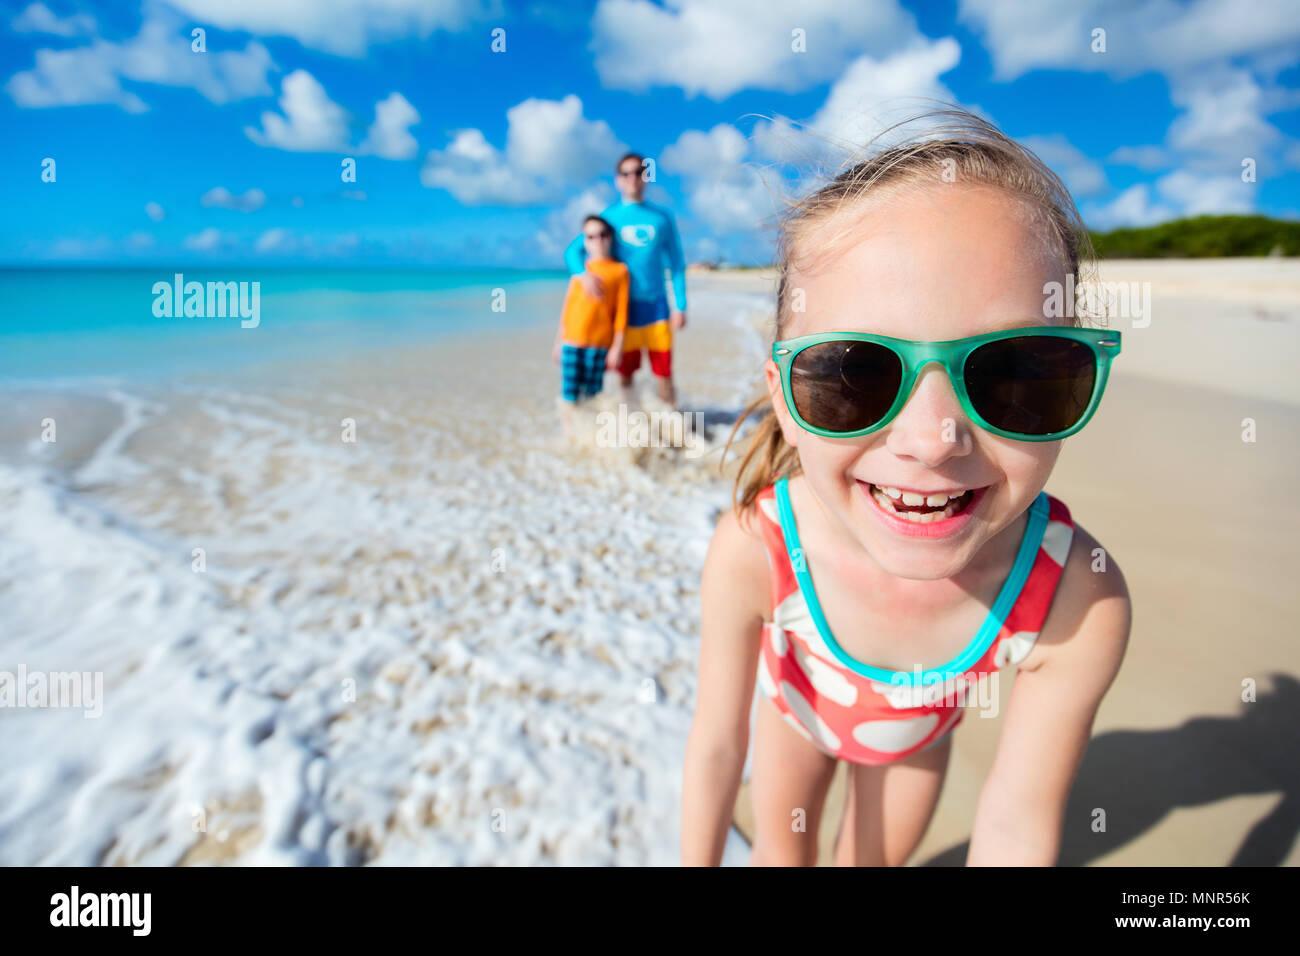 Bambina e la sua famiglia padre e fratello godendo di vacanza in spiaggia in Caraibi Immagini Stock